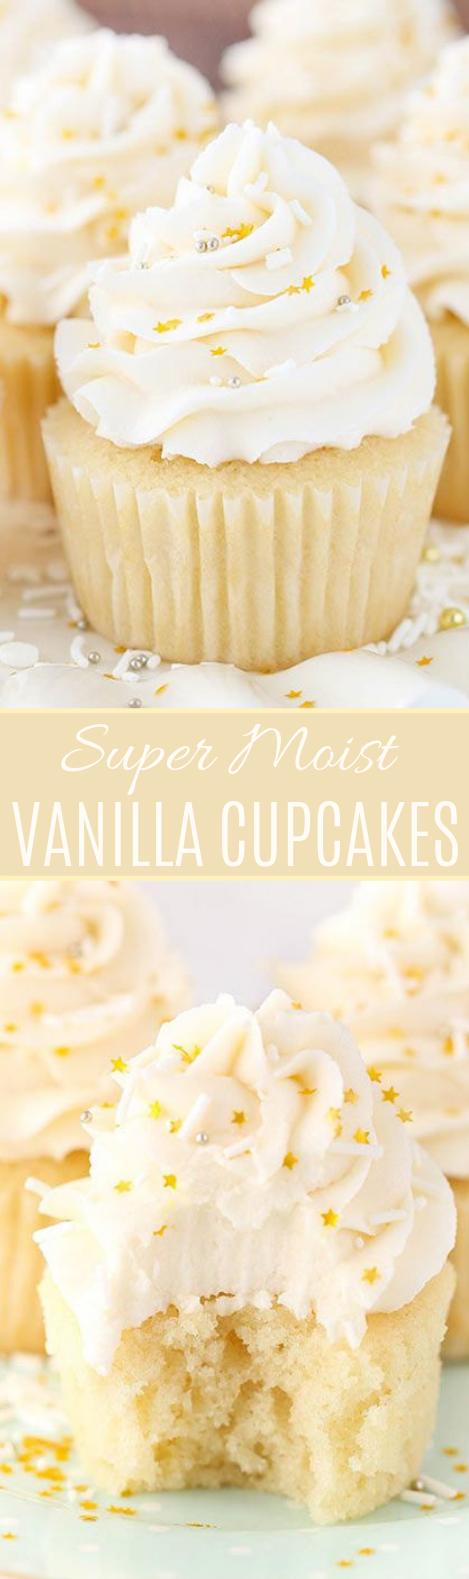 Moist Vanilla Cupcakes #dessert #cake